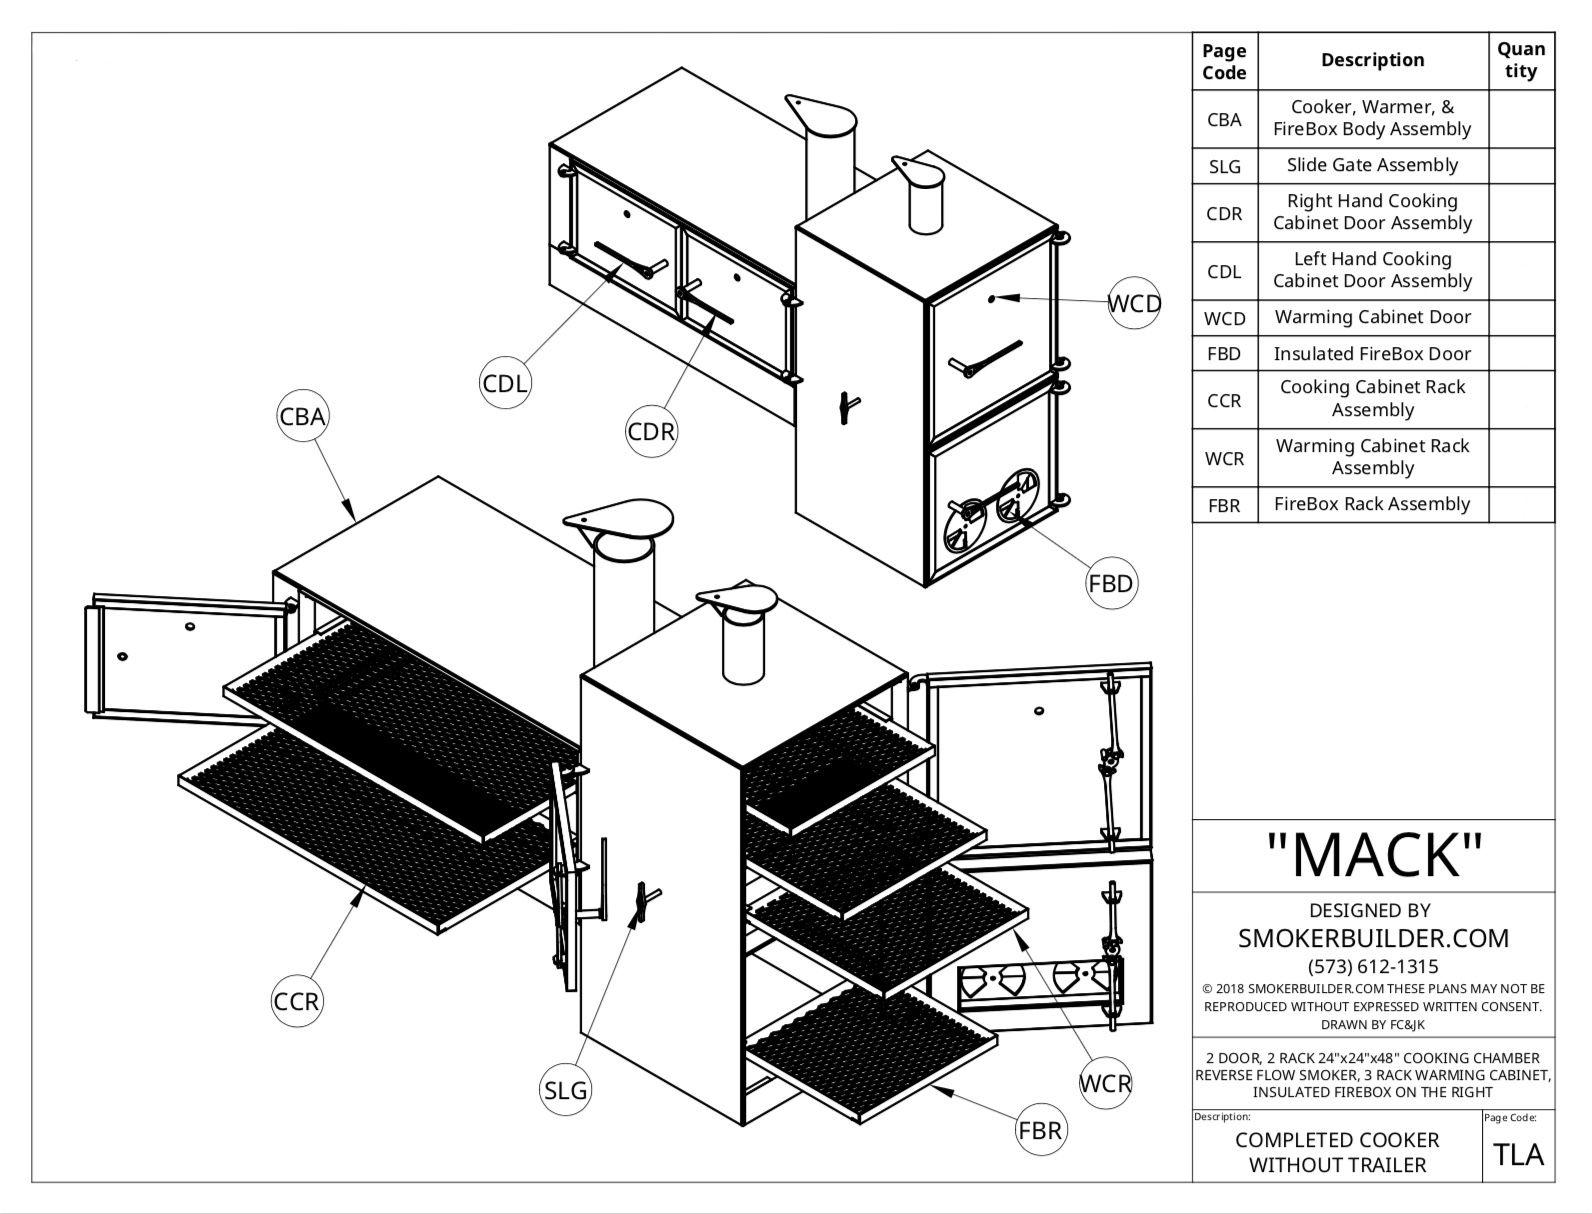 Mack Reverse Flow Smoker 24x24x48 Insulated Firebox On